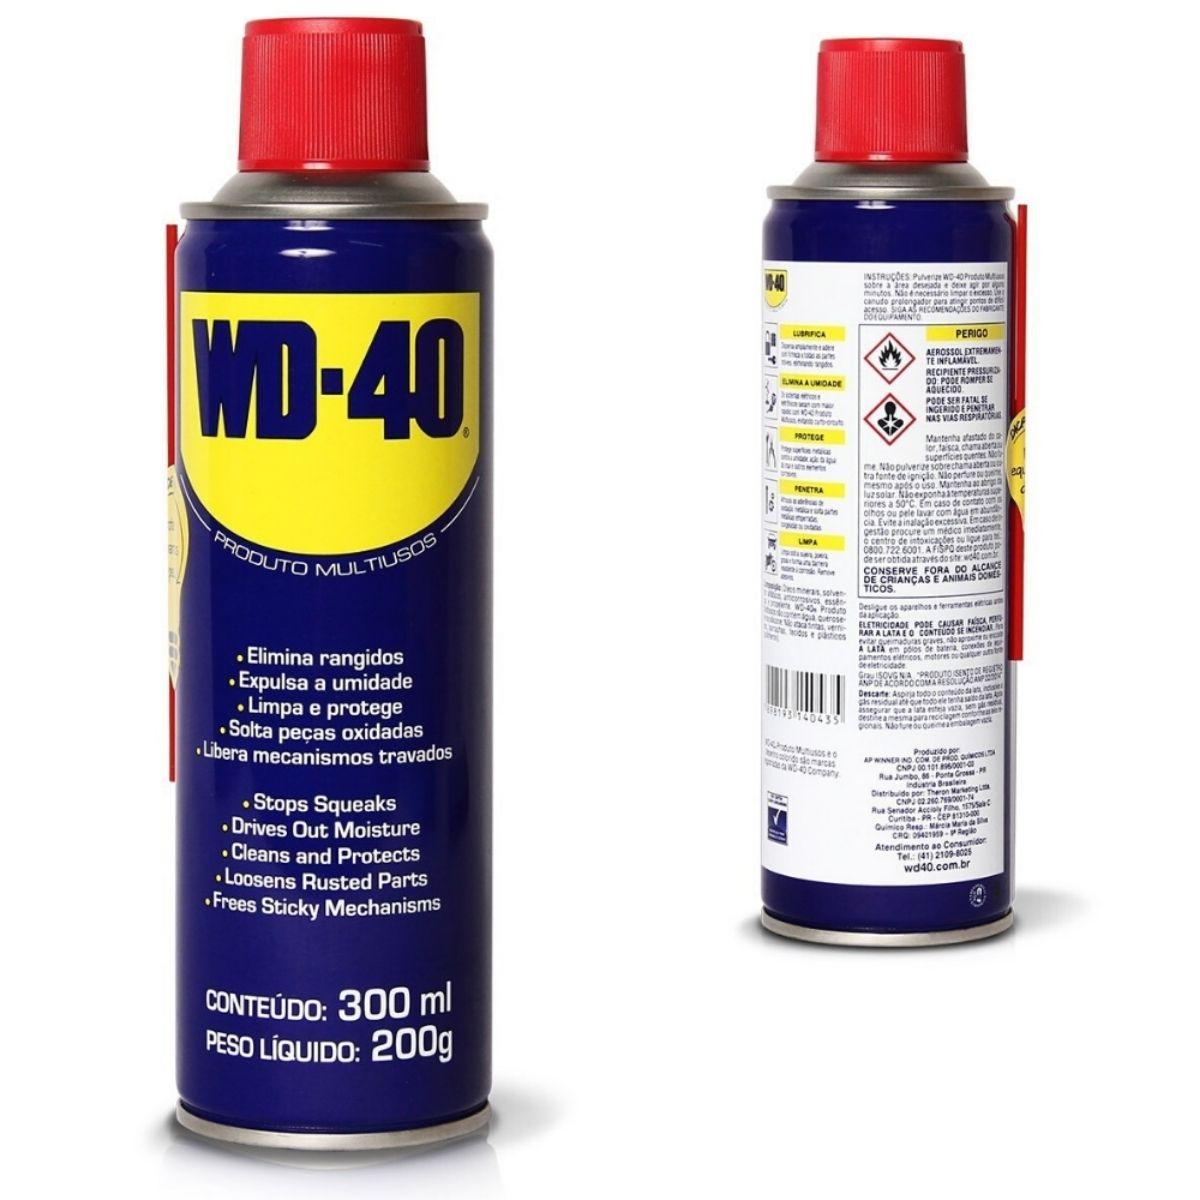 Desengripante Spray WD40 Multiuso 300ml